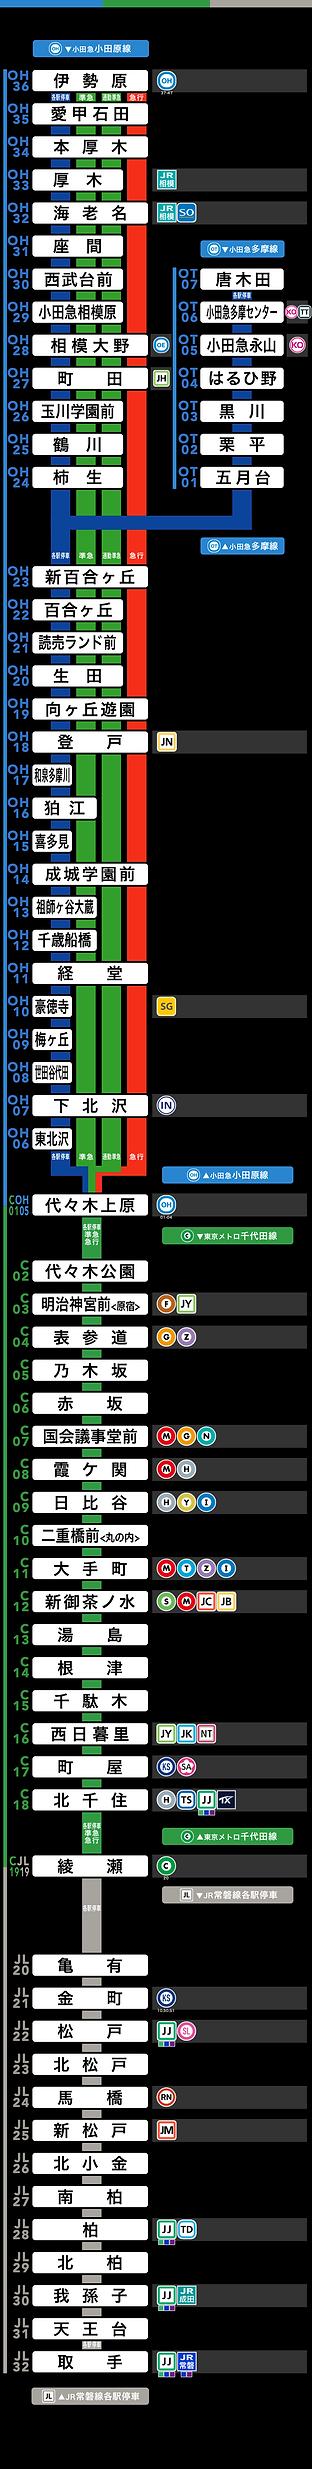 千代田線基準直通路線図20180905.png